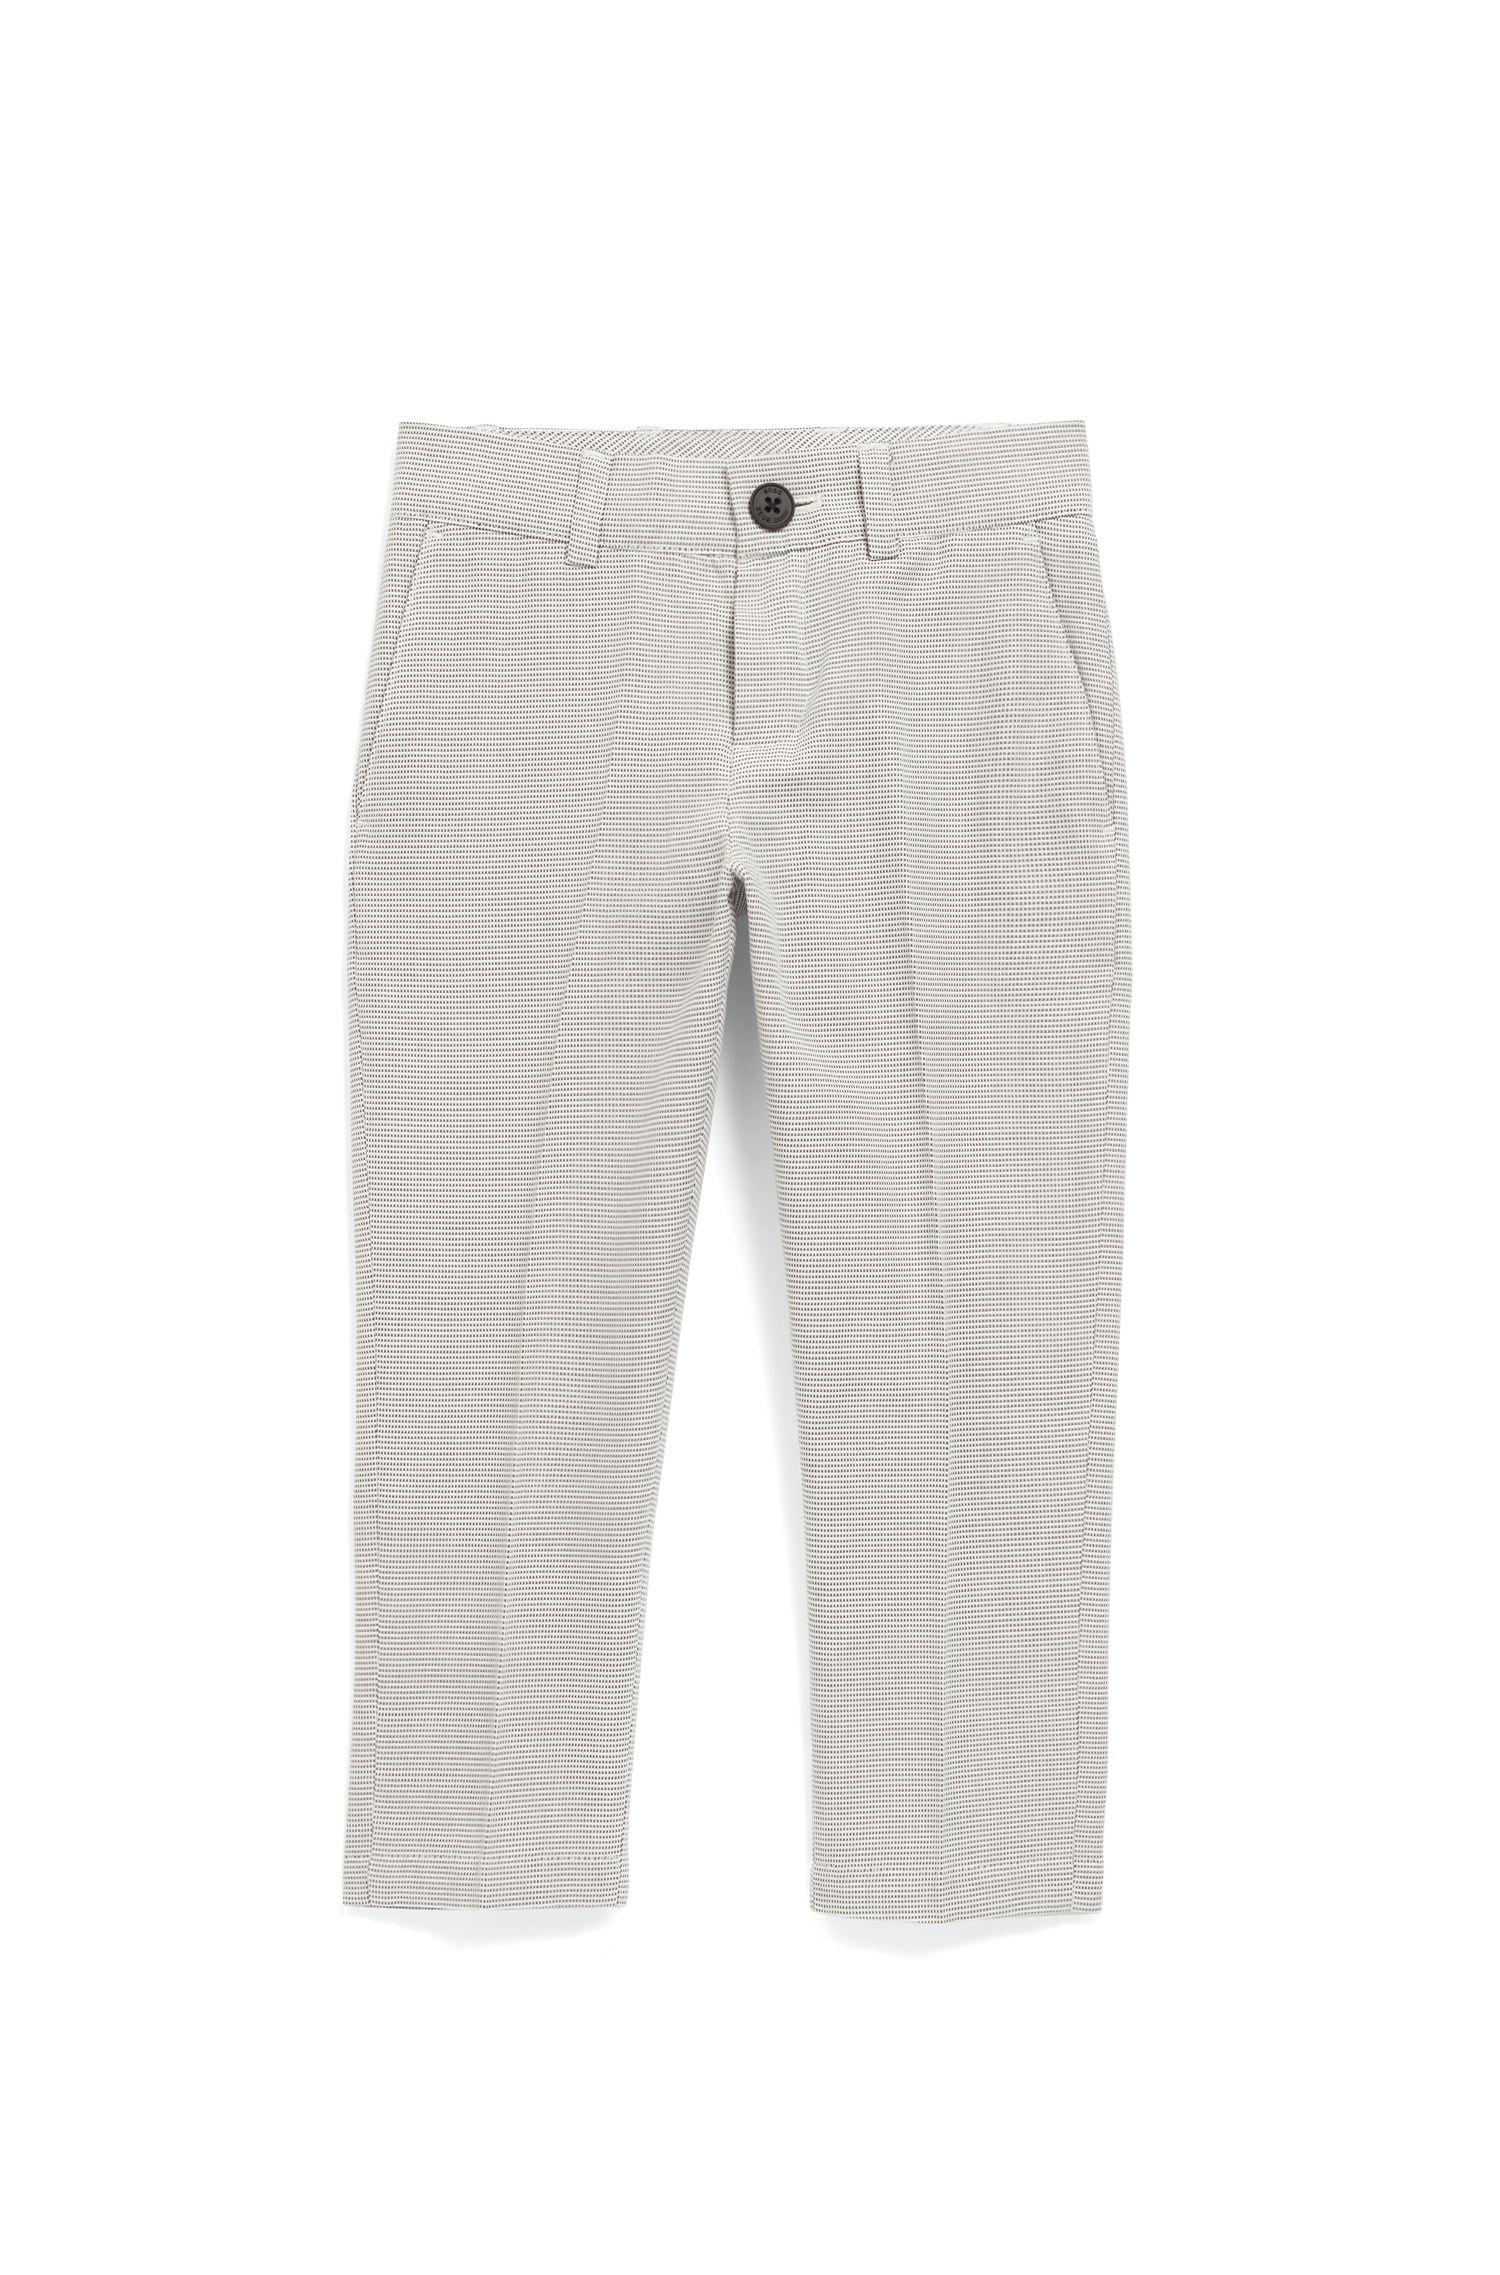 Pantalon pour enfant Slim Fit en coton façonné bicolore, Fantaisie